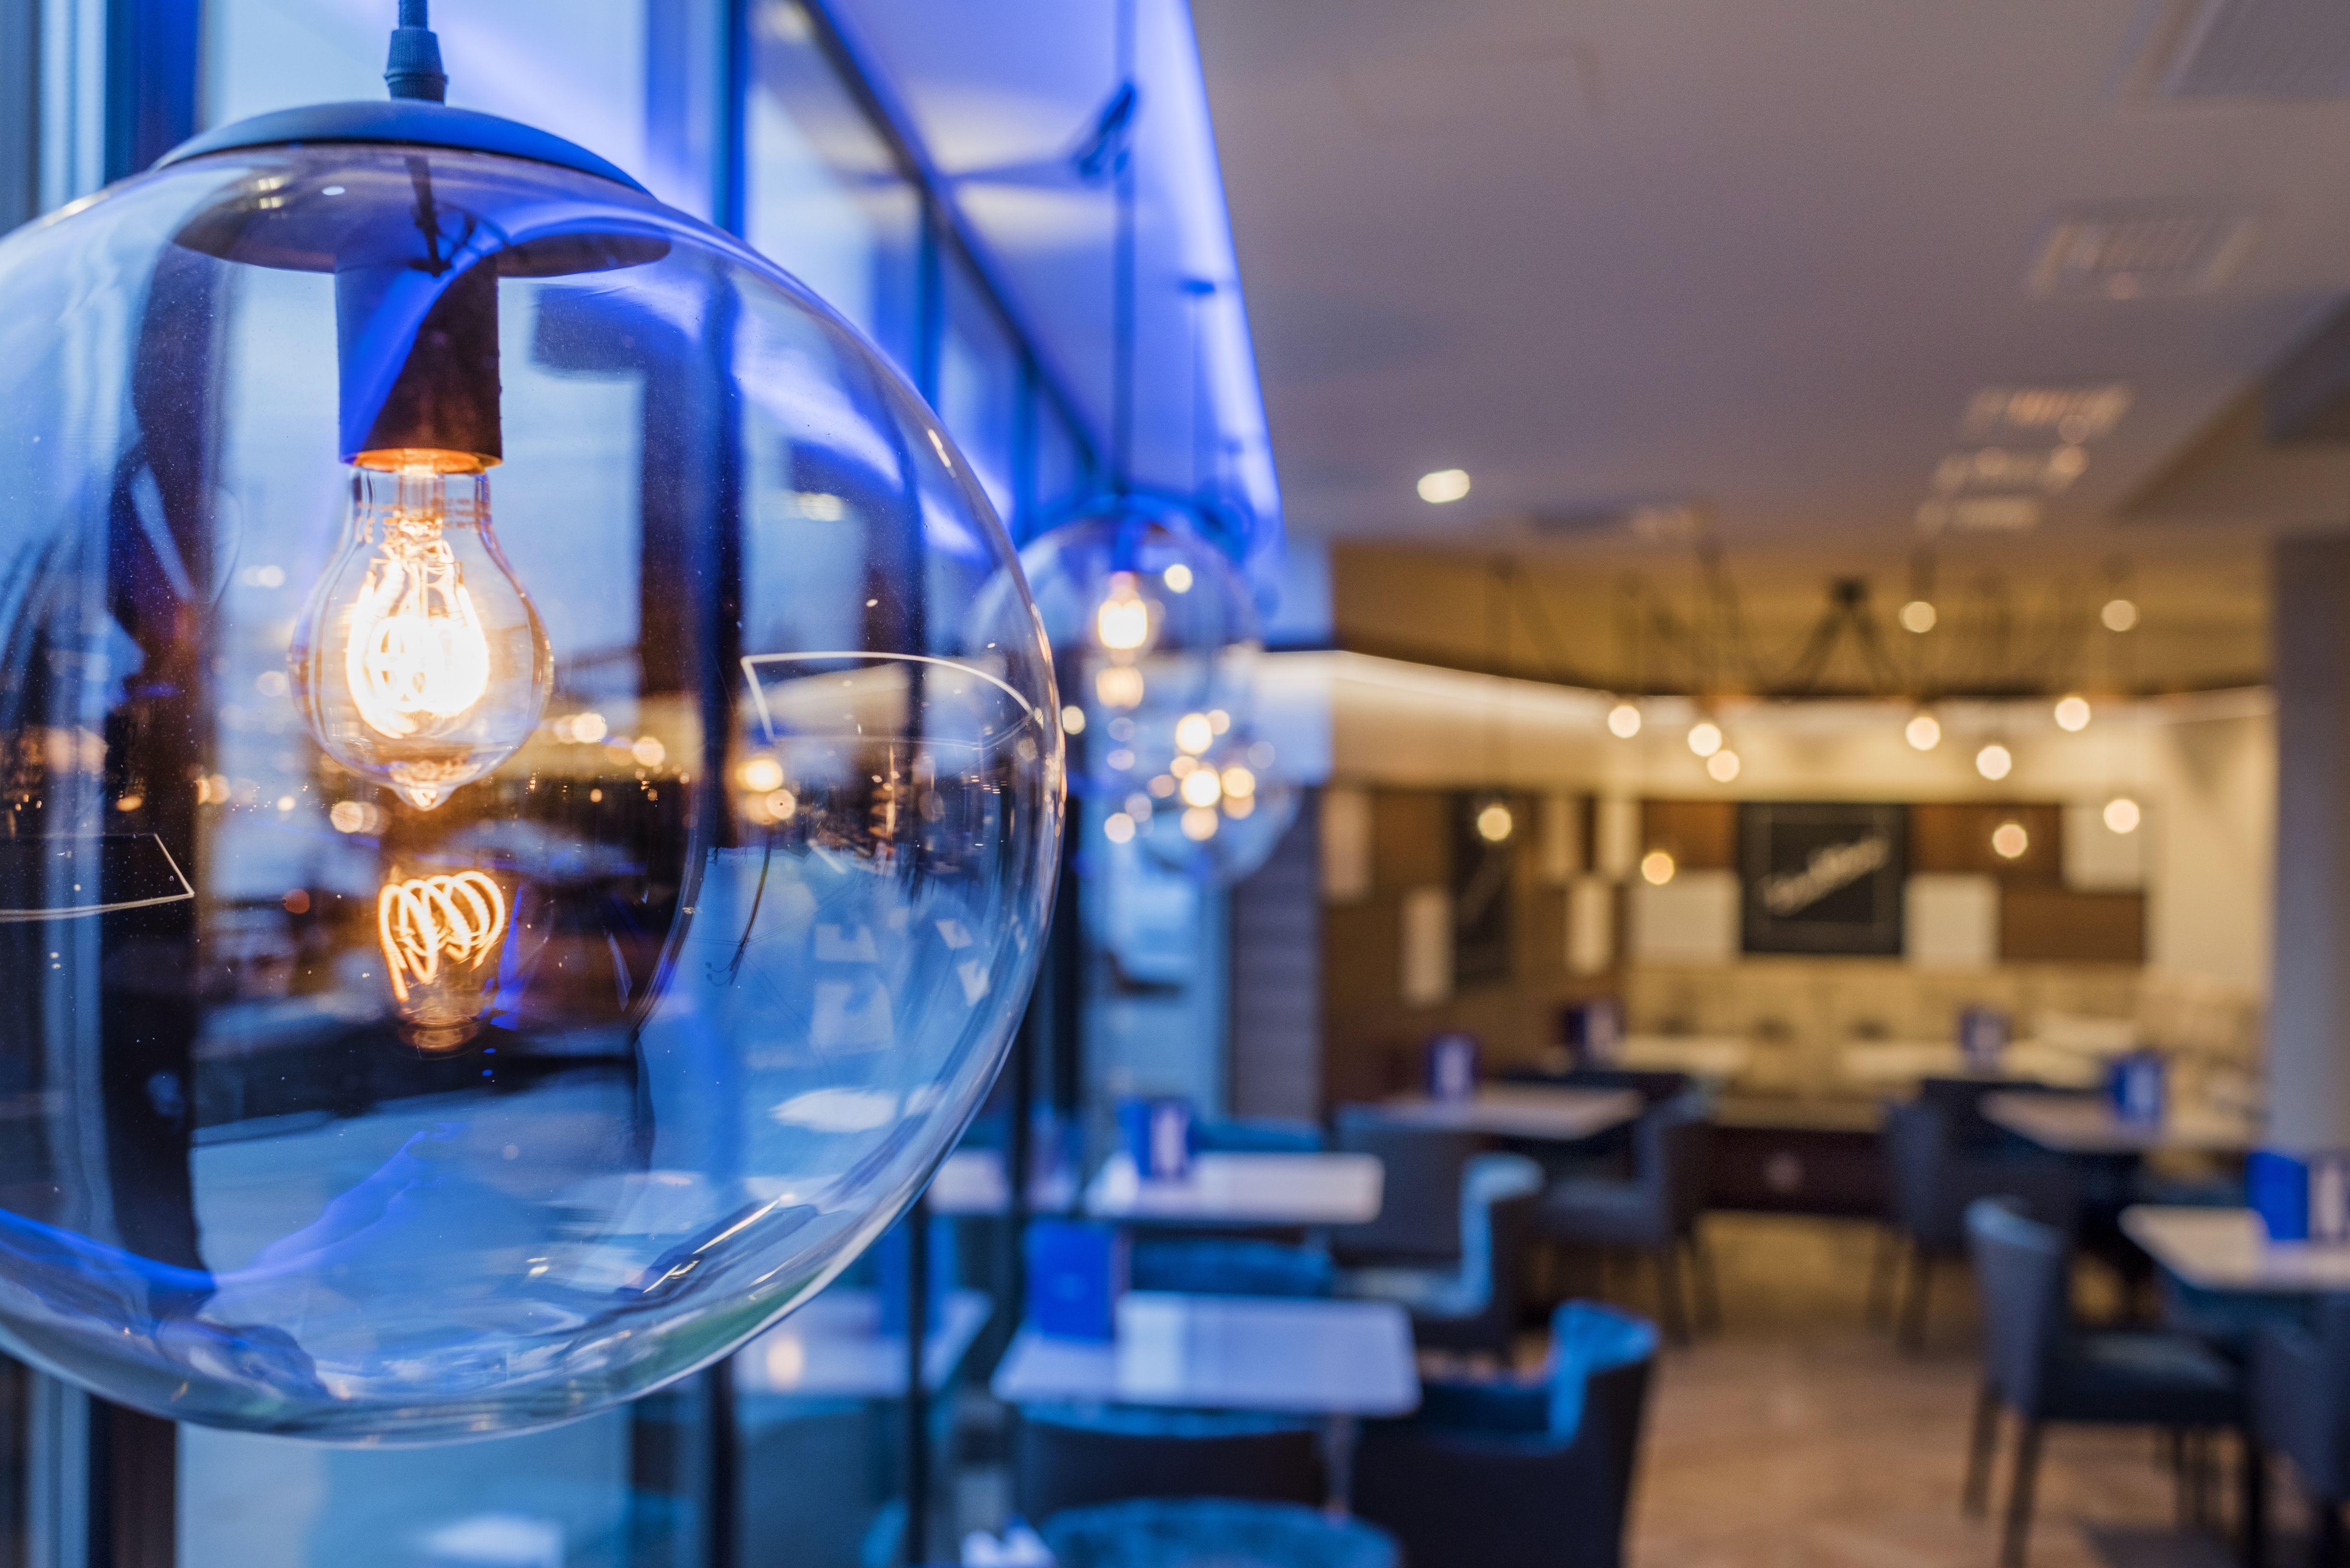 Aichinger Ladenbau Theke Ladentheke Design Einrichtung Ladeneinrichtung Modern Food Style Erfolgeinrichten Interior Shopfitting Licht Lichtkonzep